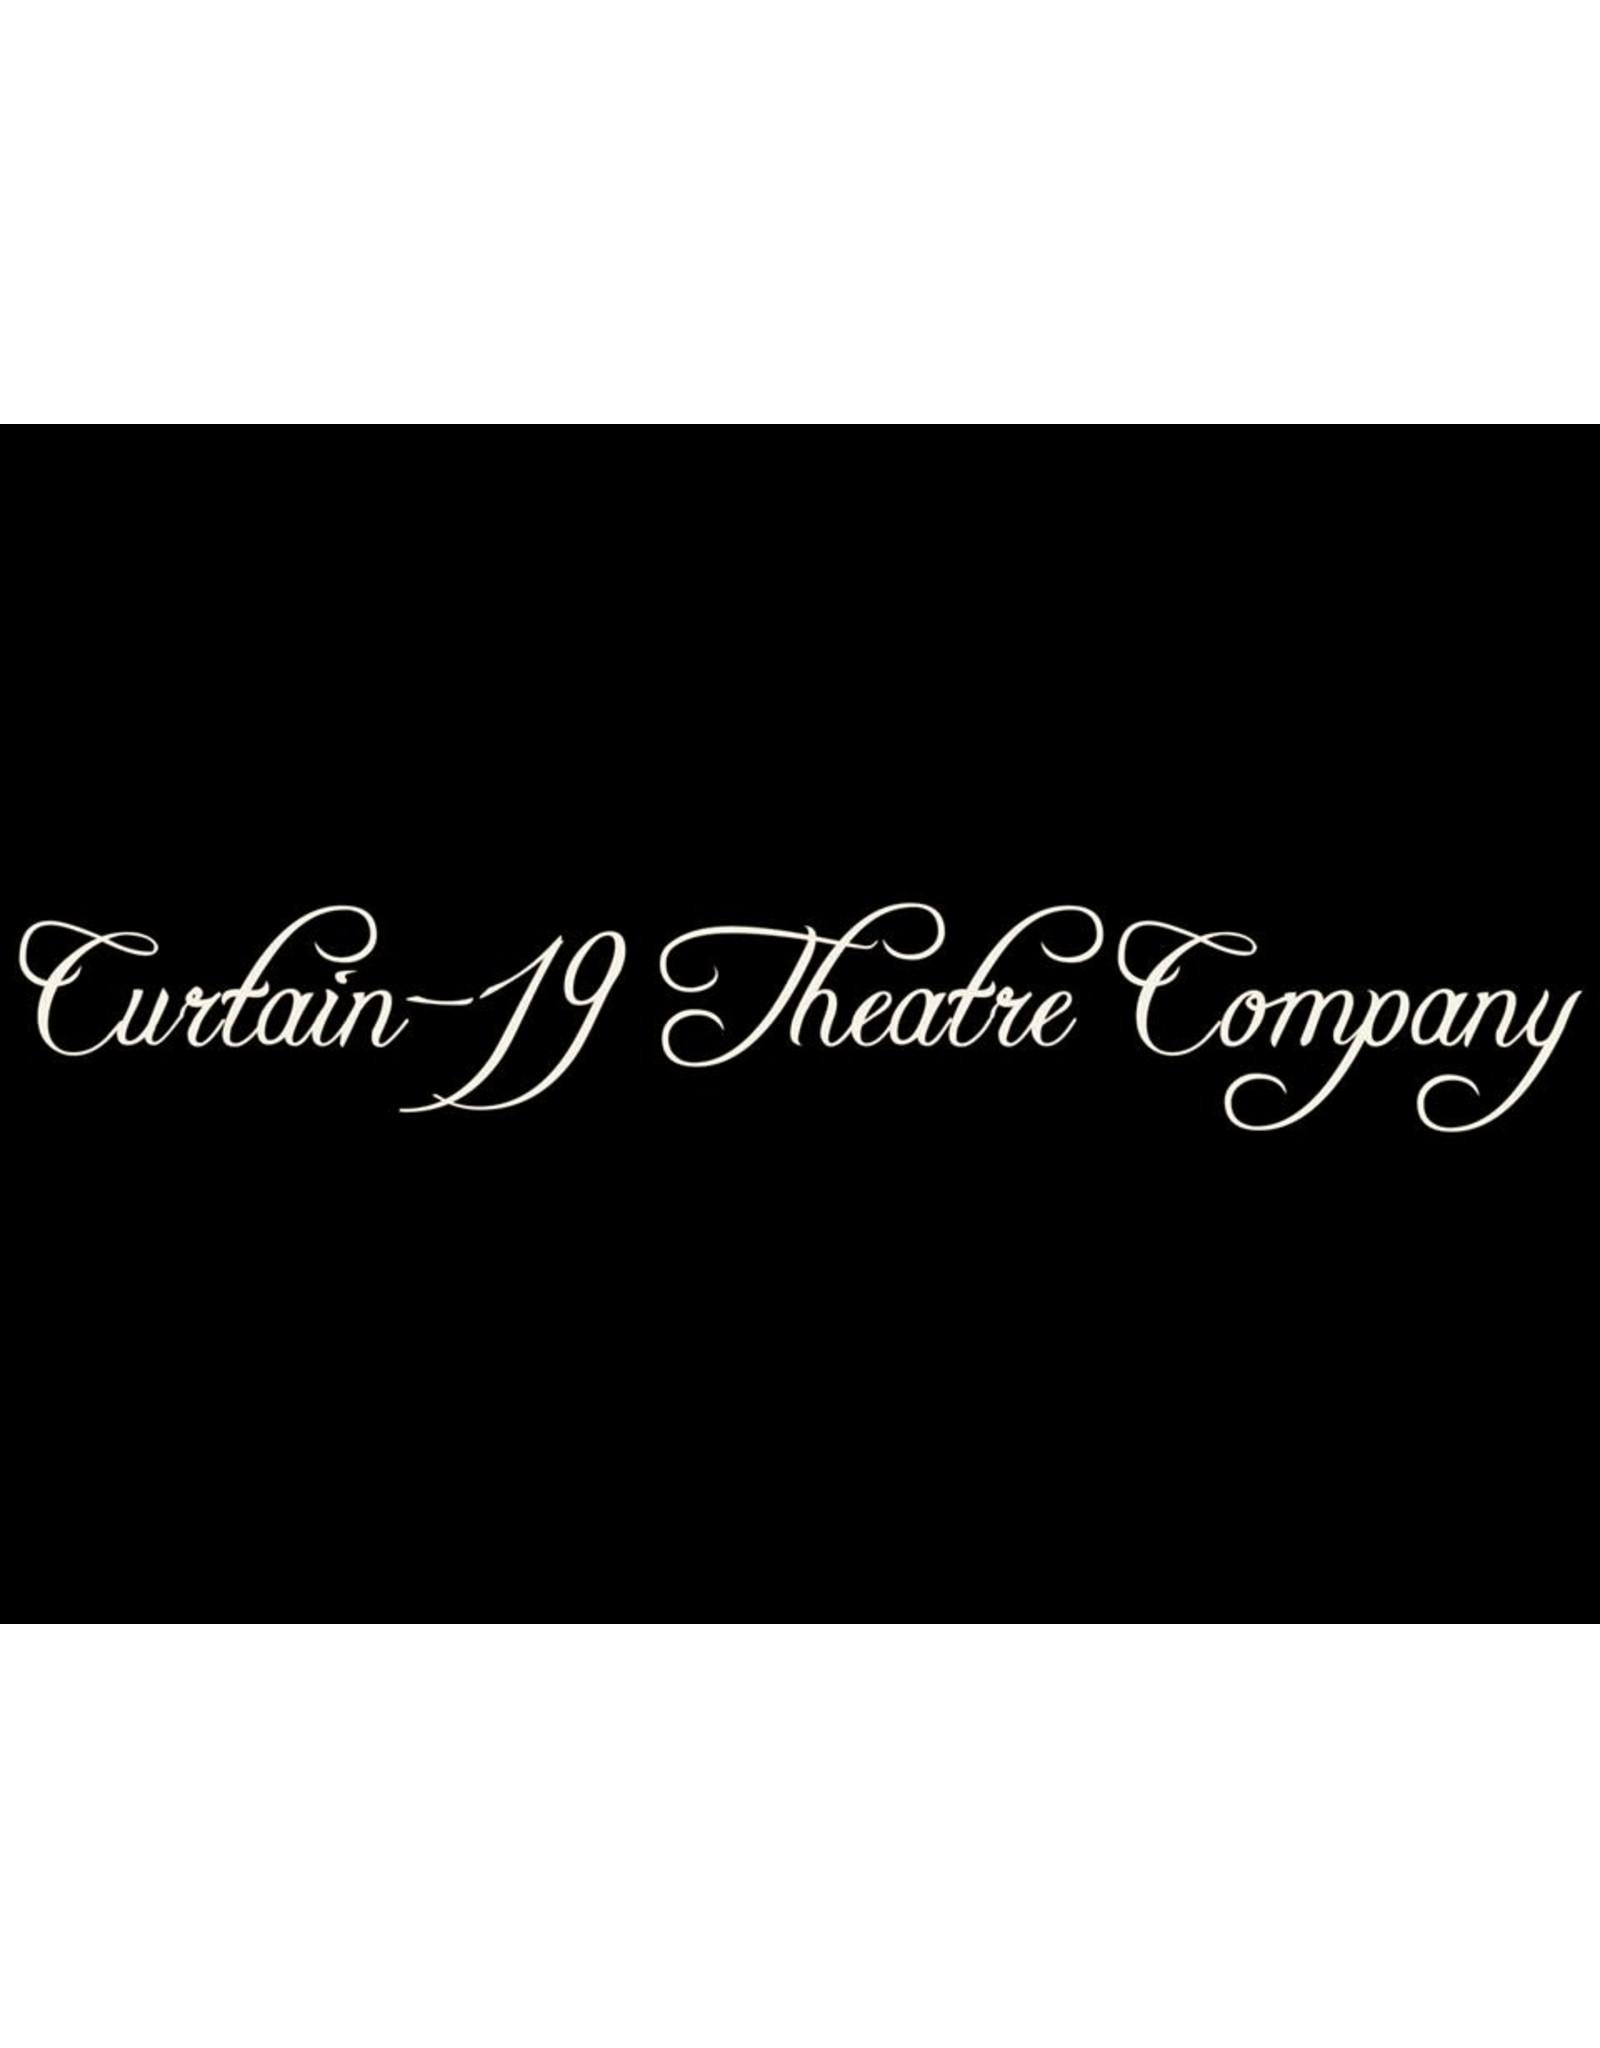 Curtain-19 Hoodie